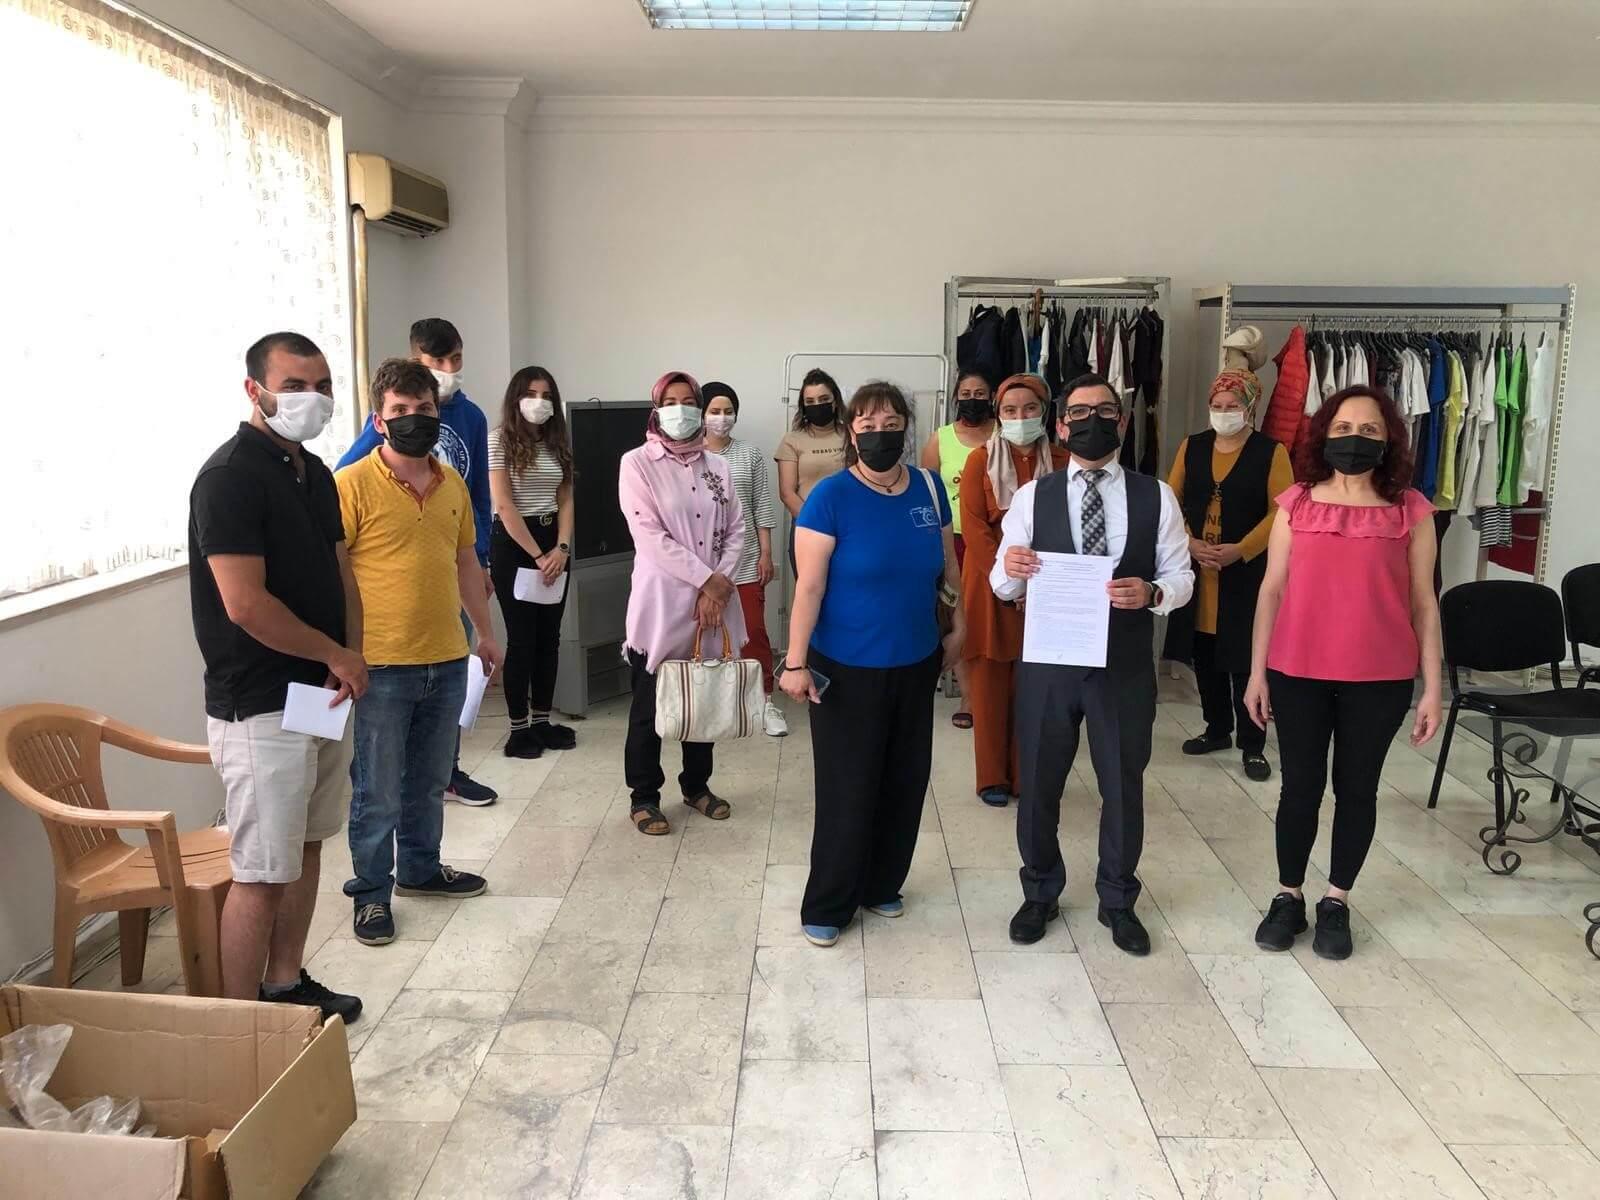 Zonguldak'ta 10 Kişiyi İstihdam Edecek İşbaşı Eğitim Programı Başlattık